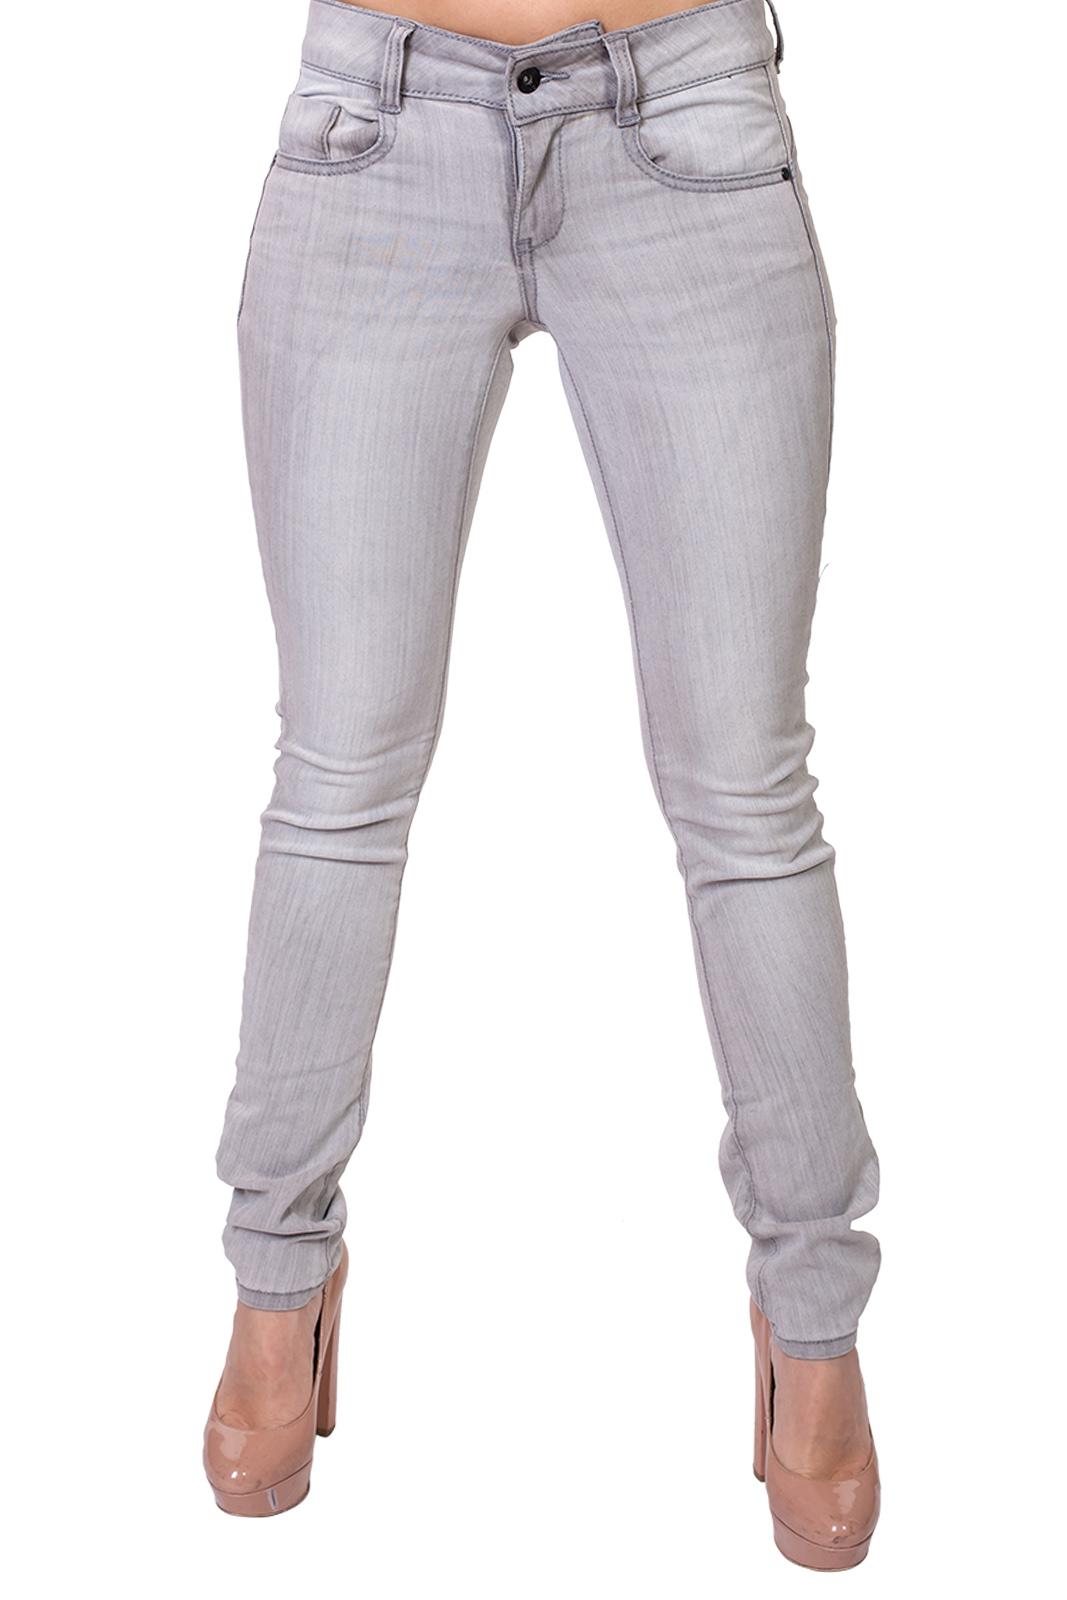 Правильно узкие женские джинсы от ТМ Lpb